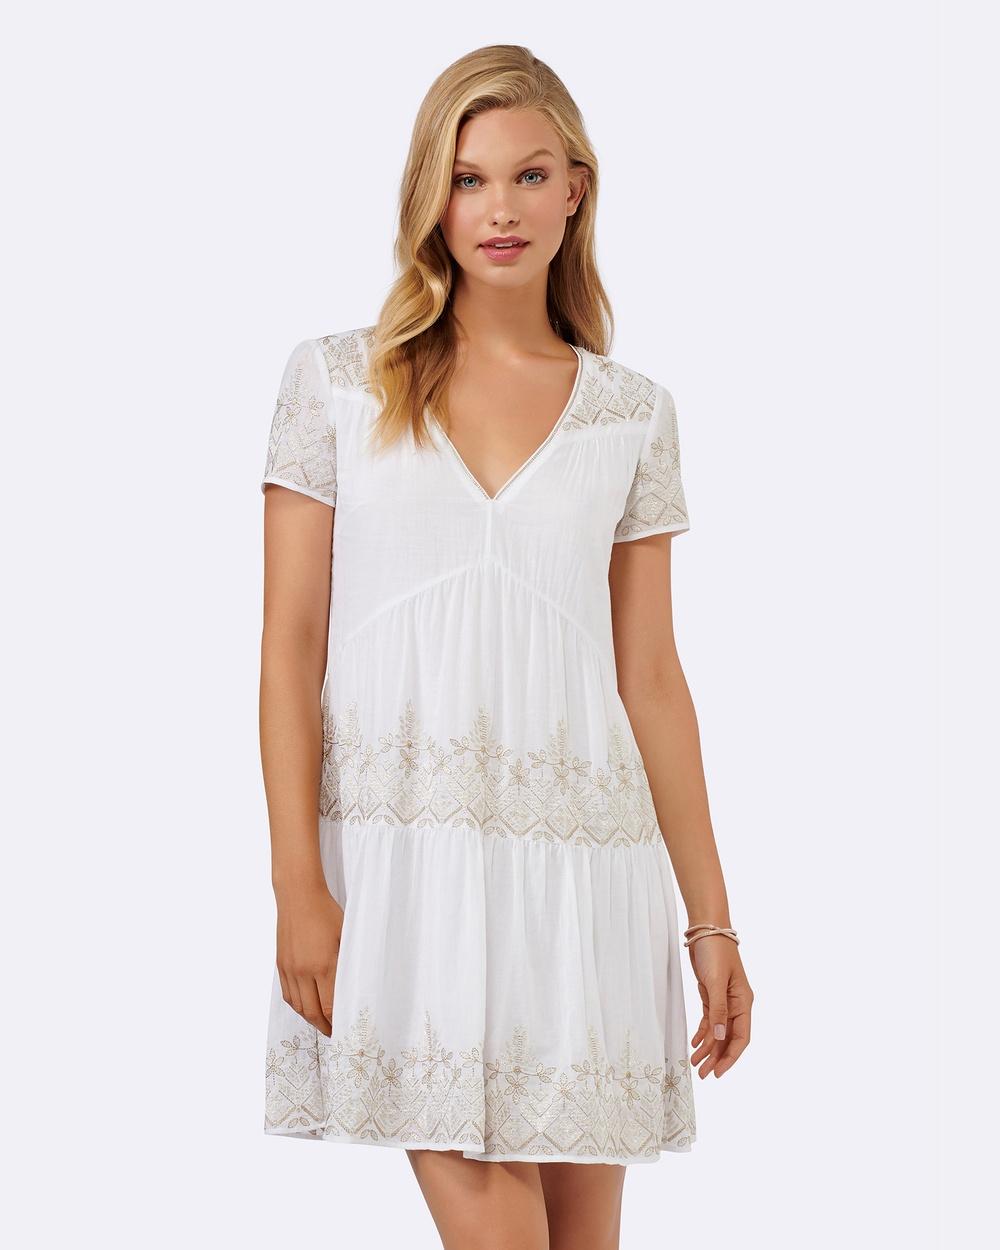 Forever New Sahara Embellished Boho Dress Dresses White Sahara Embellished Boho Dress